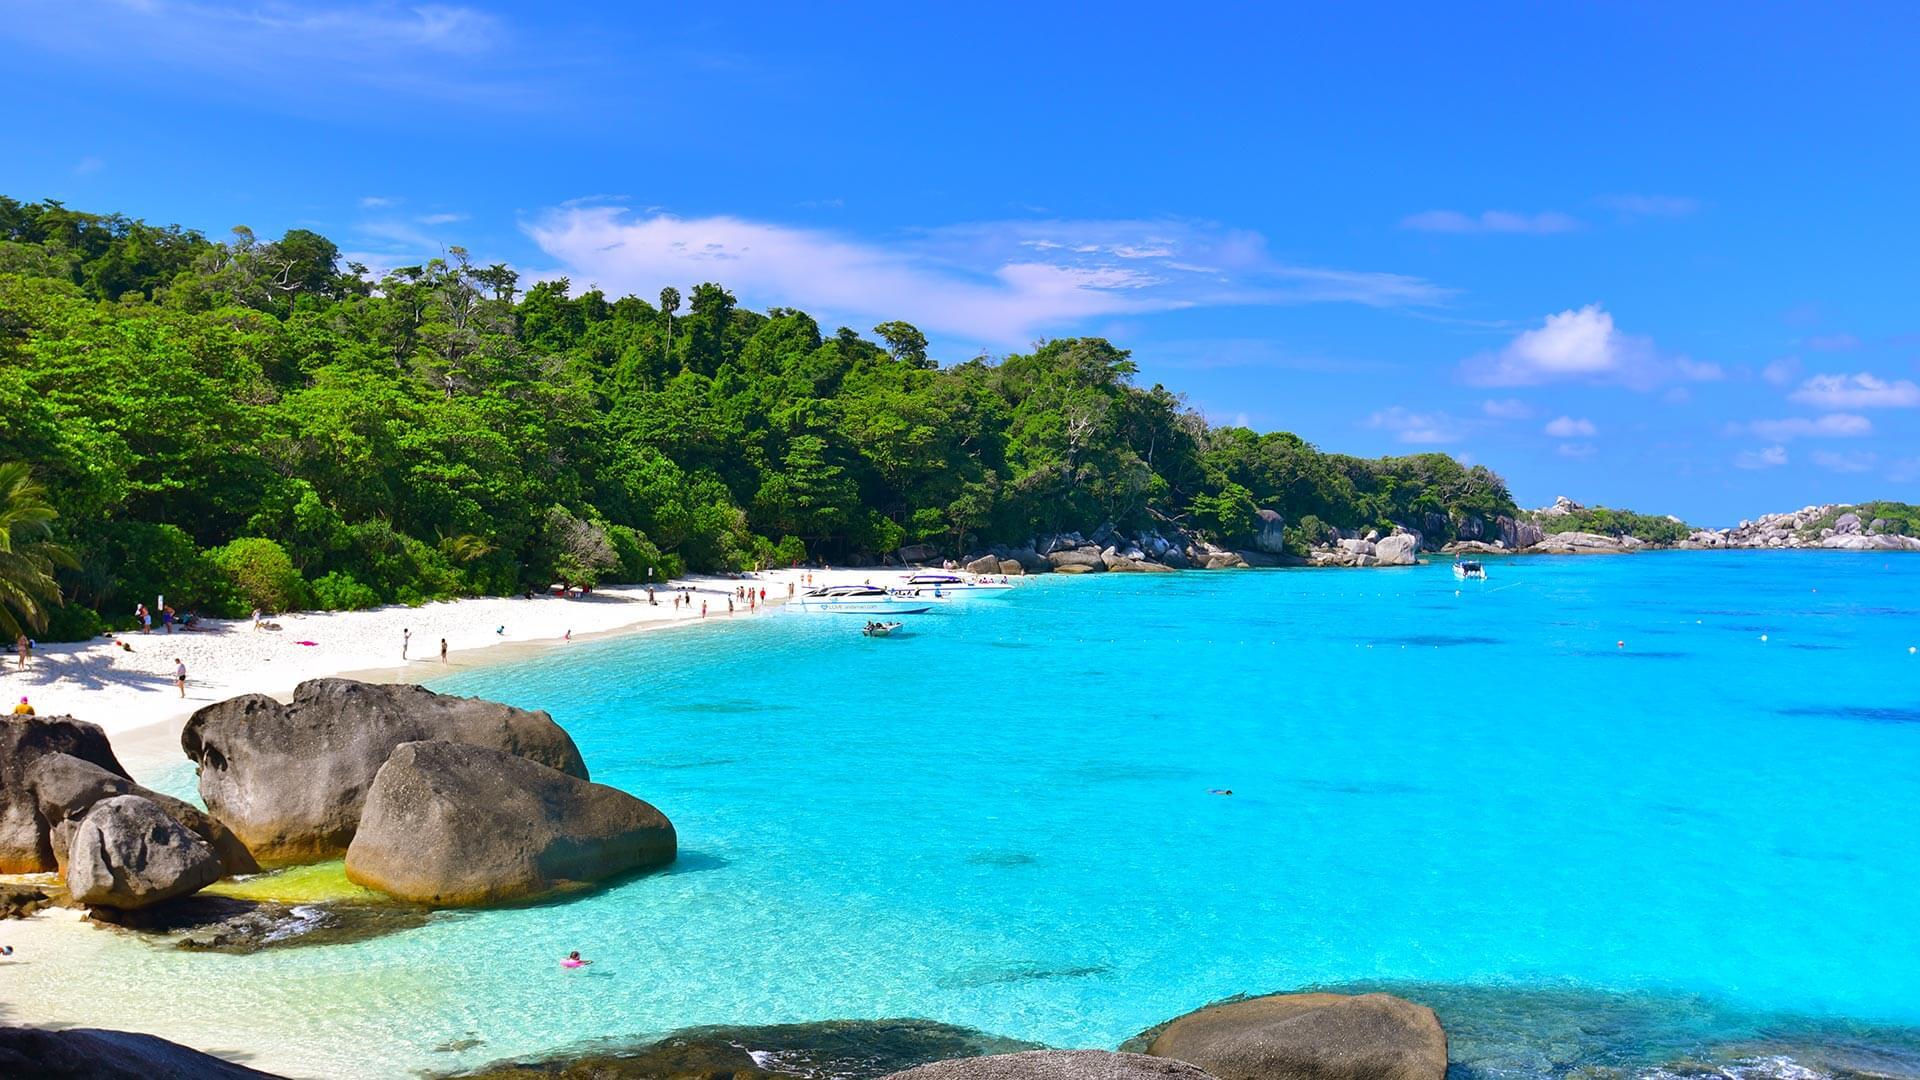 koh-tachai-best-scuba-diving-liveaboard-thailand-phuket